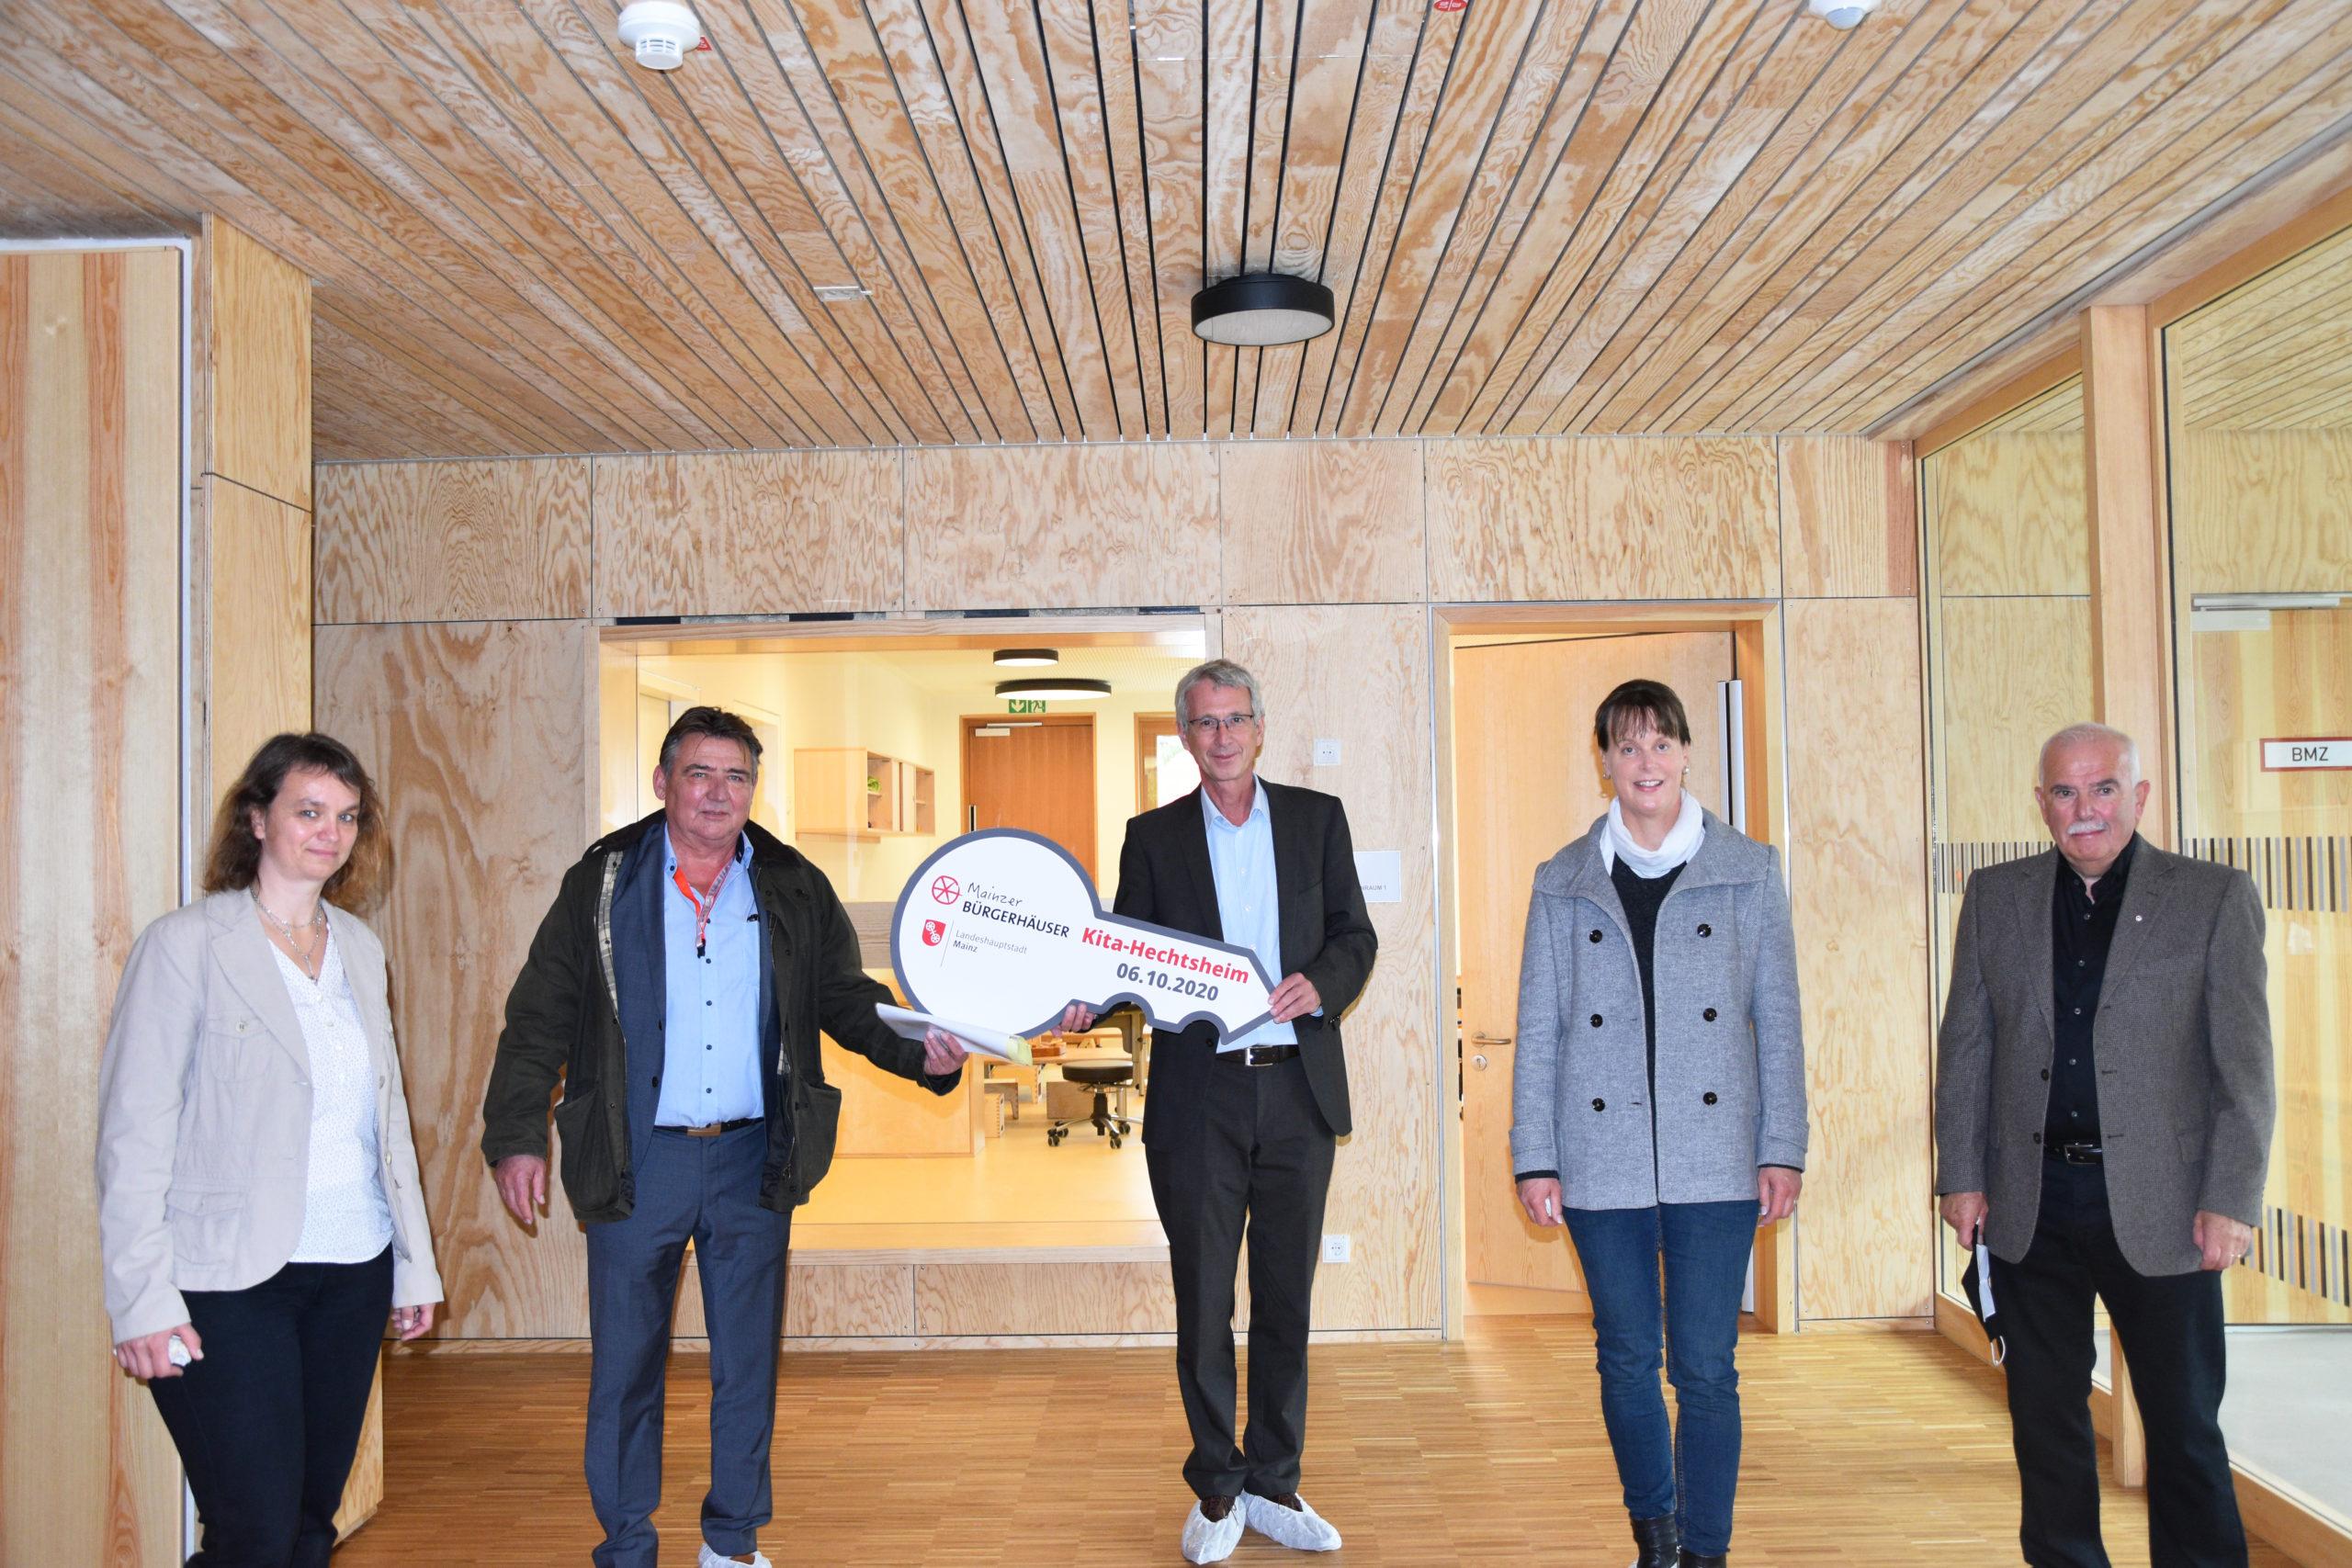 Wertstoffhof Mainz Hechtsheim öffnungszeiten